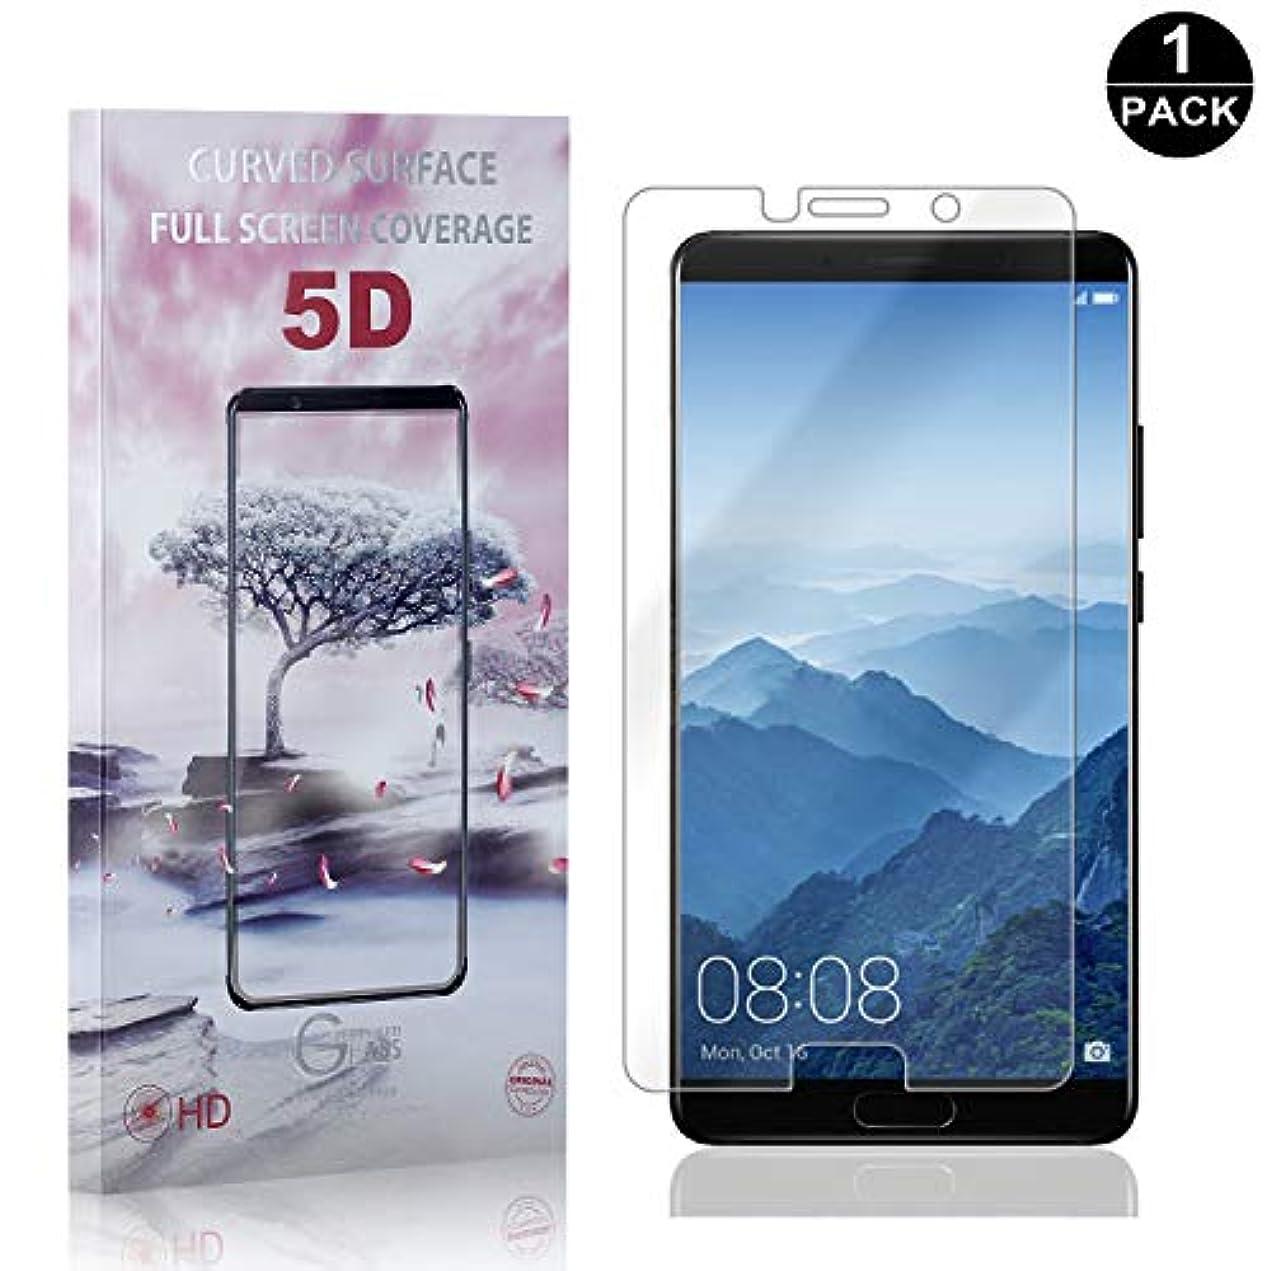 ご注意マント標高【1枚セット】 Huawei Mate 10 硬度9H ガラスフィルム CUNUS Huawei Mate 10 専用設計 強化ガラスフィルム 高透明度で 99%透過率 気泡防止 耐衝撃 超薄 液晶保護フィルム